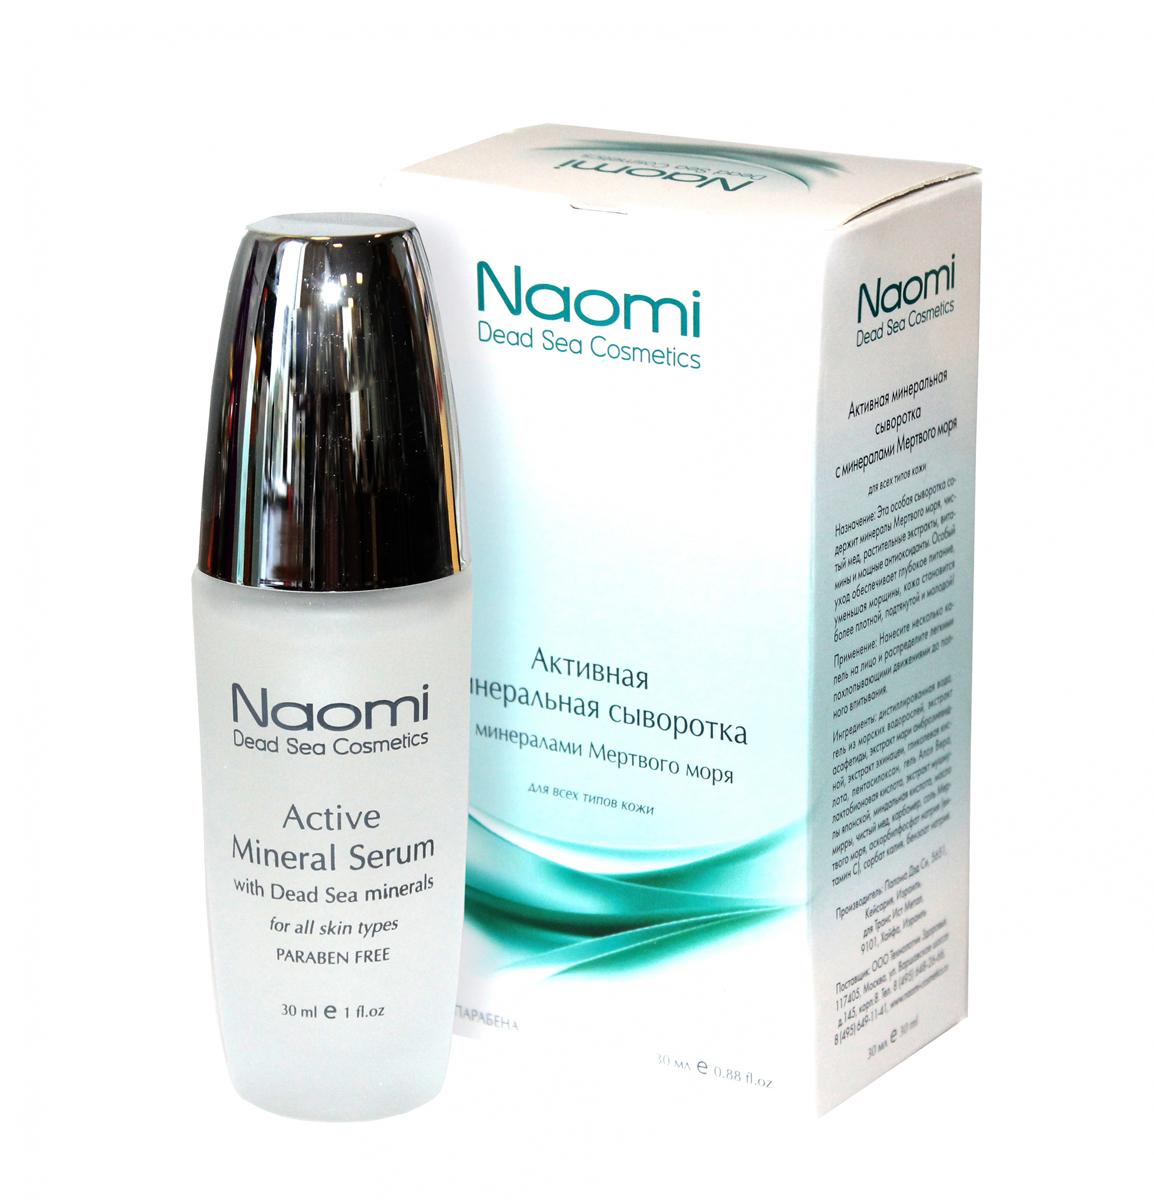 Naomi Активная минеральная сыворотка Naomi, 30 млFS-00897Эта особая сыворотка содержит минералы Мертвого моря, чистый мед, растительные экстракты, витамины и мощные антиоксиданты. Особый уход обеспечивает глубокое питание, уменьшая морщины, кожа становится более плотной, подтянутой и молодой!